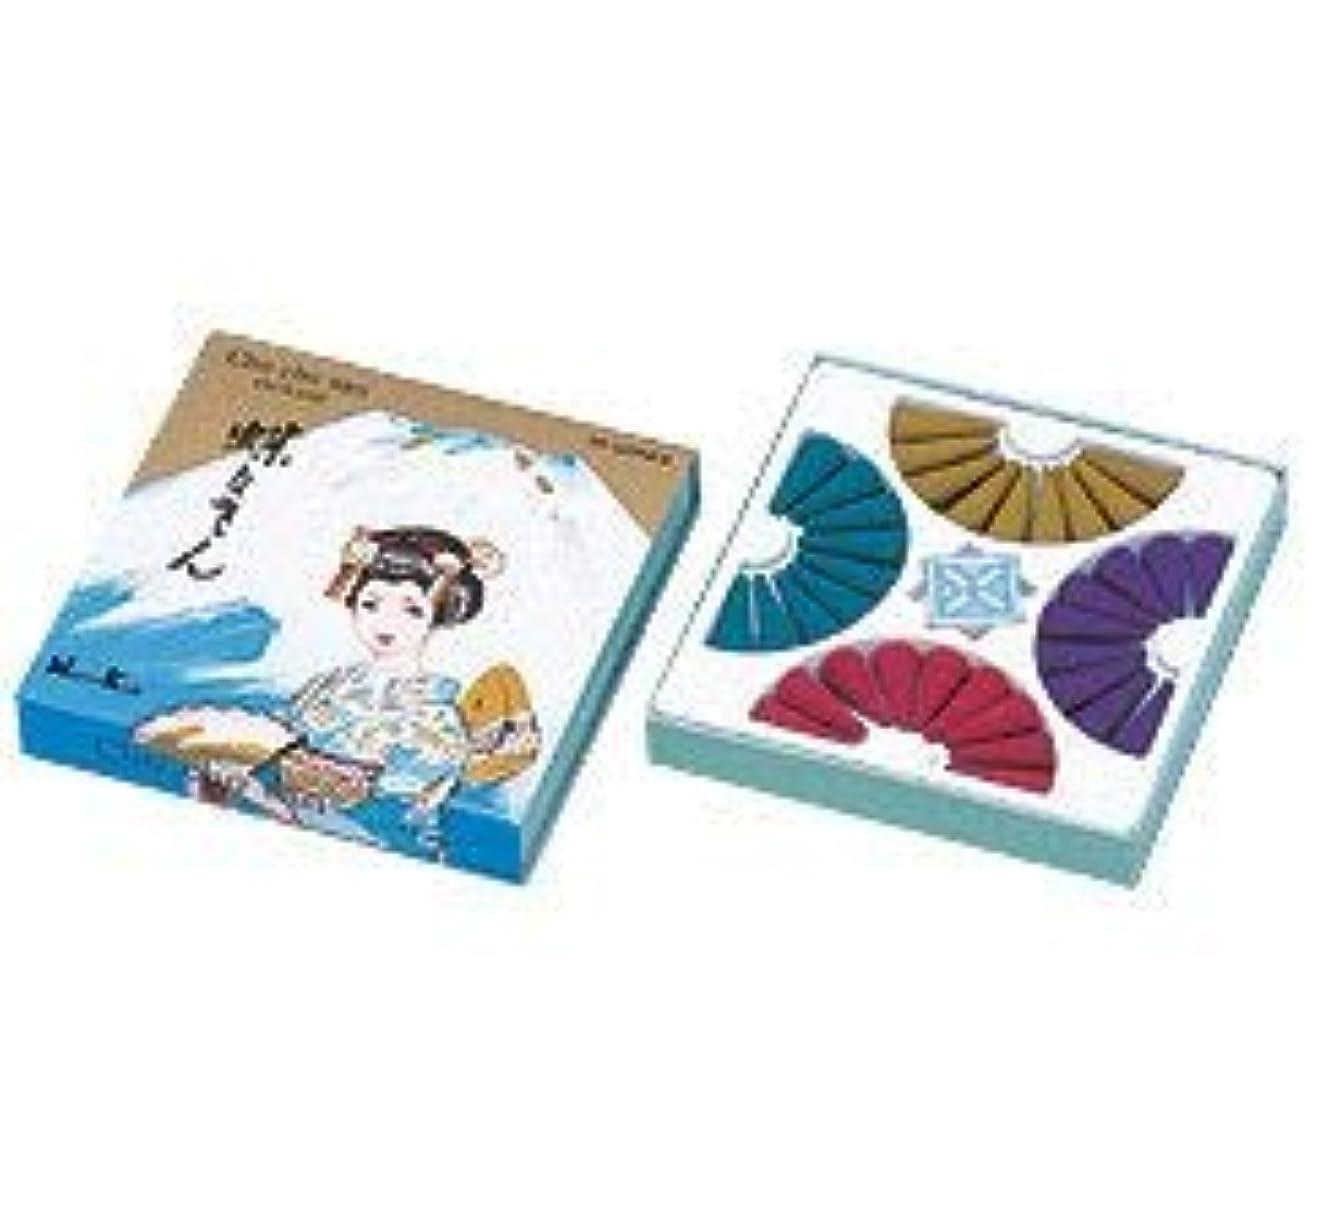 クラブラジウムジュラシックパーク蝶々さん 36個 × 12個セット